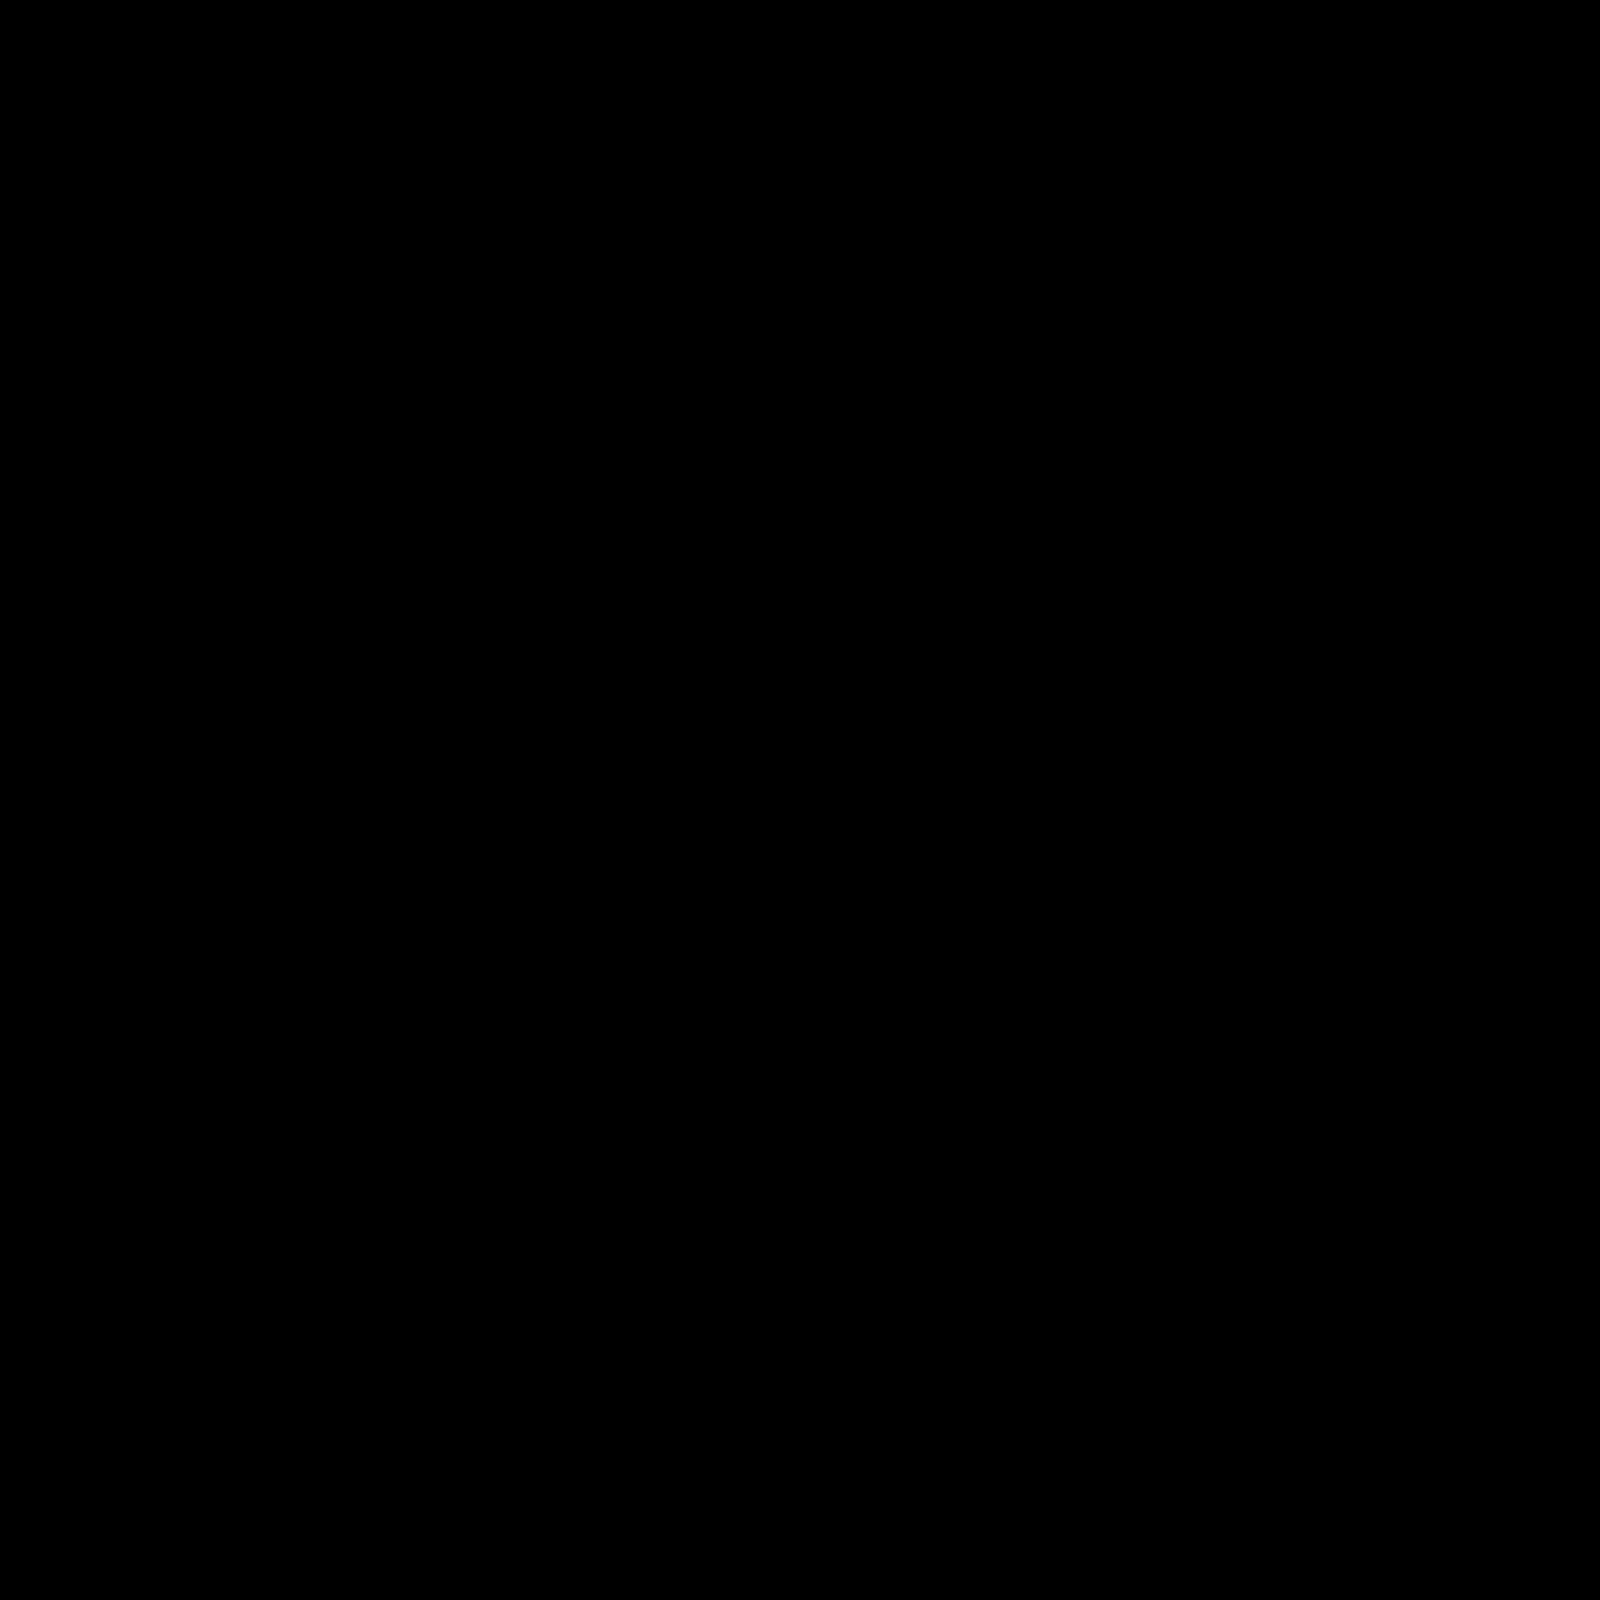 """水 icon. This icon representing """"Water"""" is circular with a ninety degree angle formed on top, creating a teardrop or raindrop shape. Inside the shape is a curved line, indicating the round shape of a water droplet."""